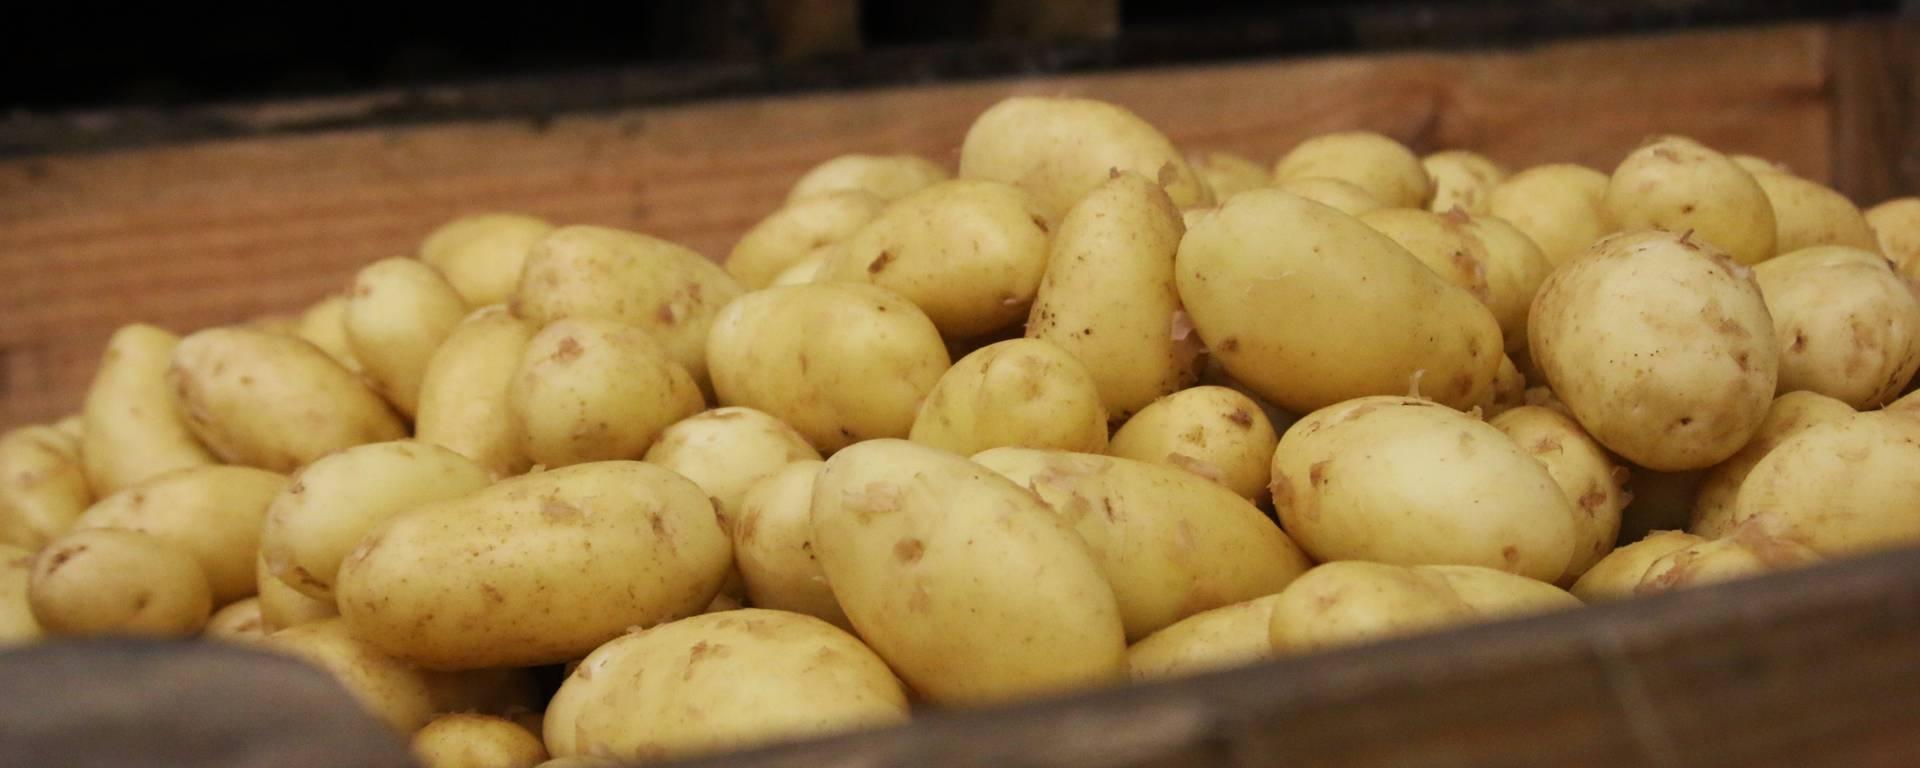 Pommes de terre de l'Île de ré